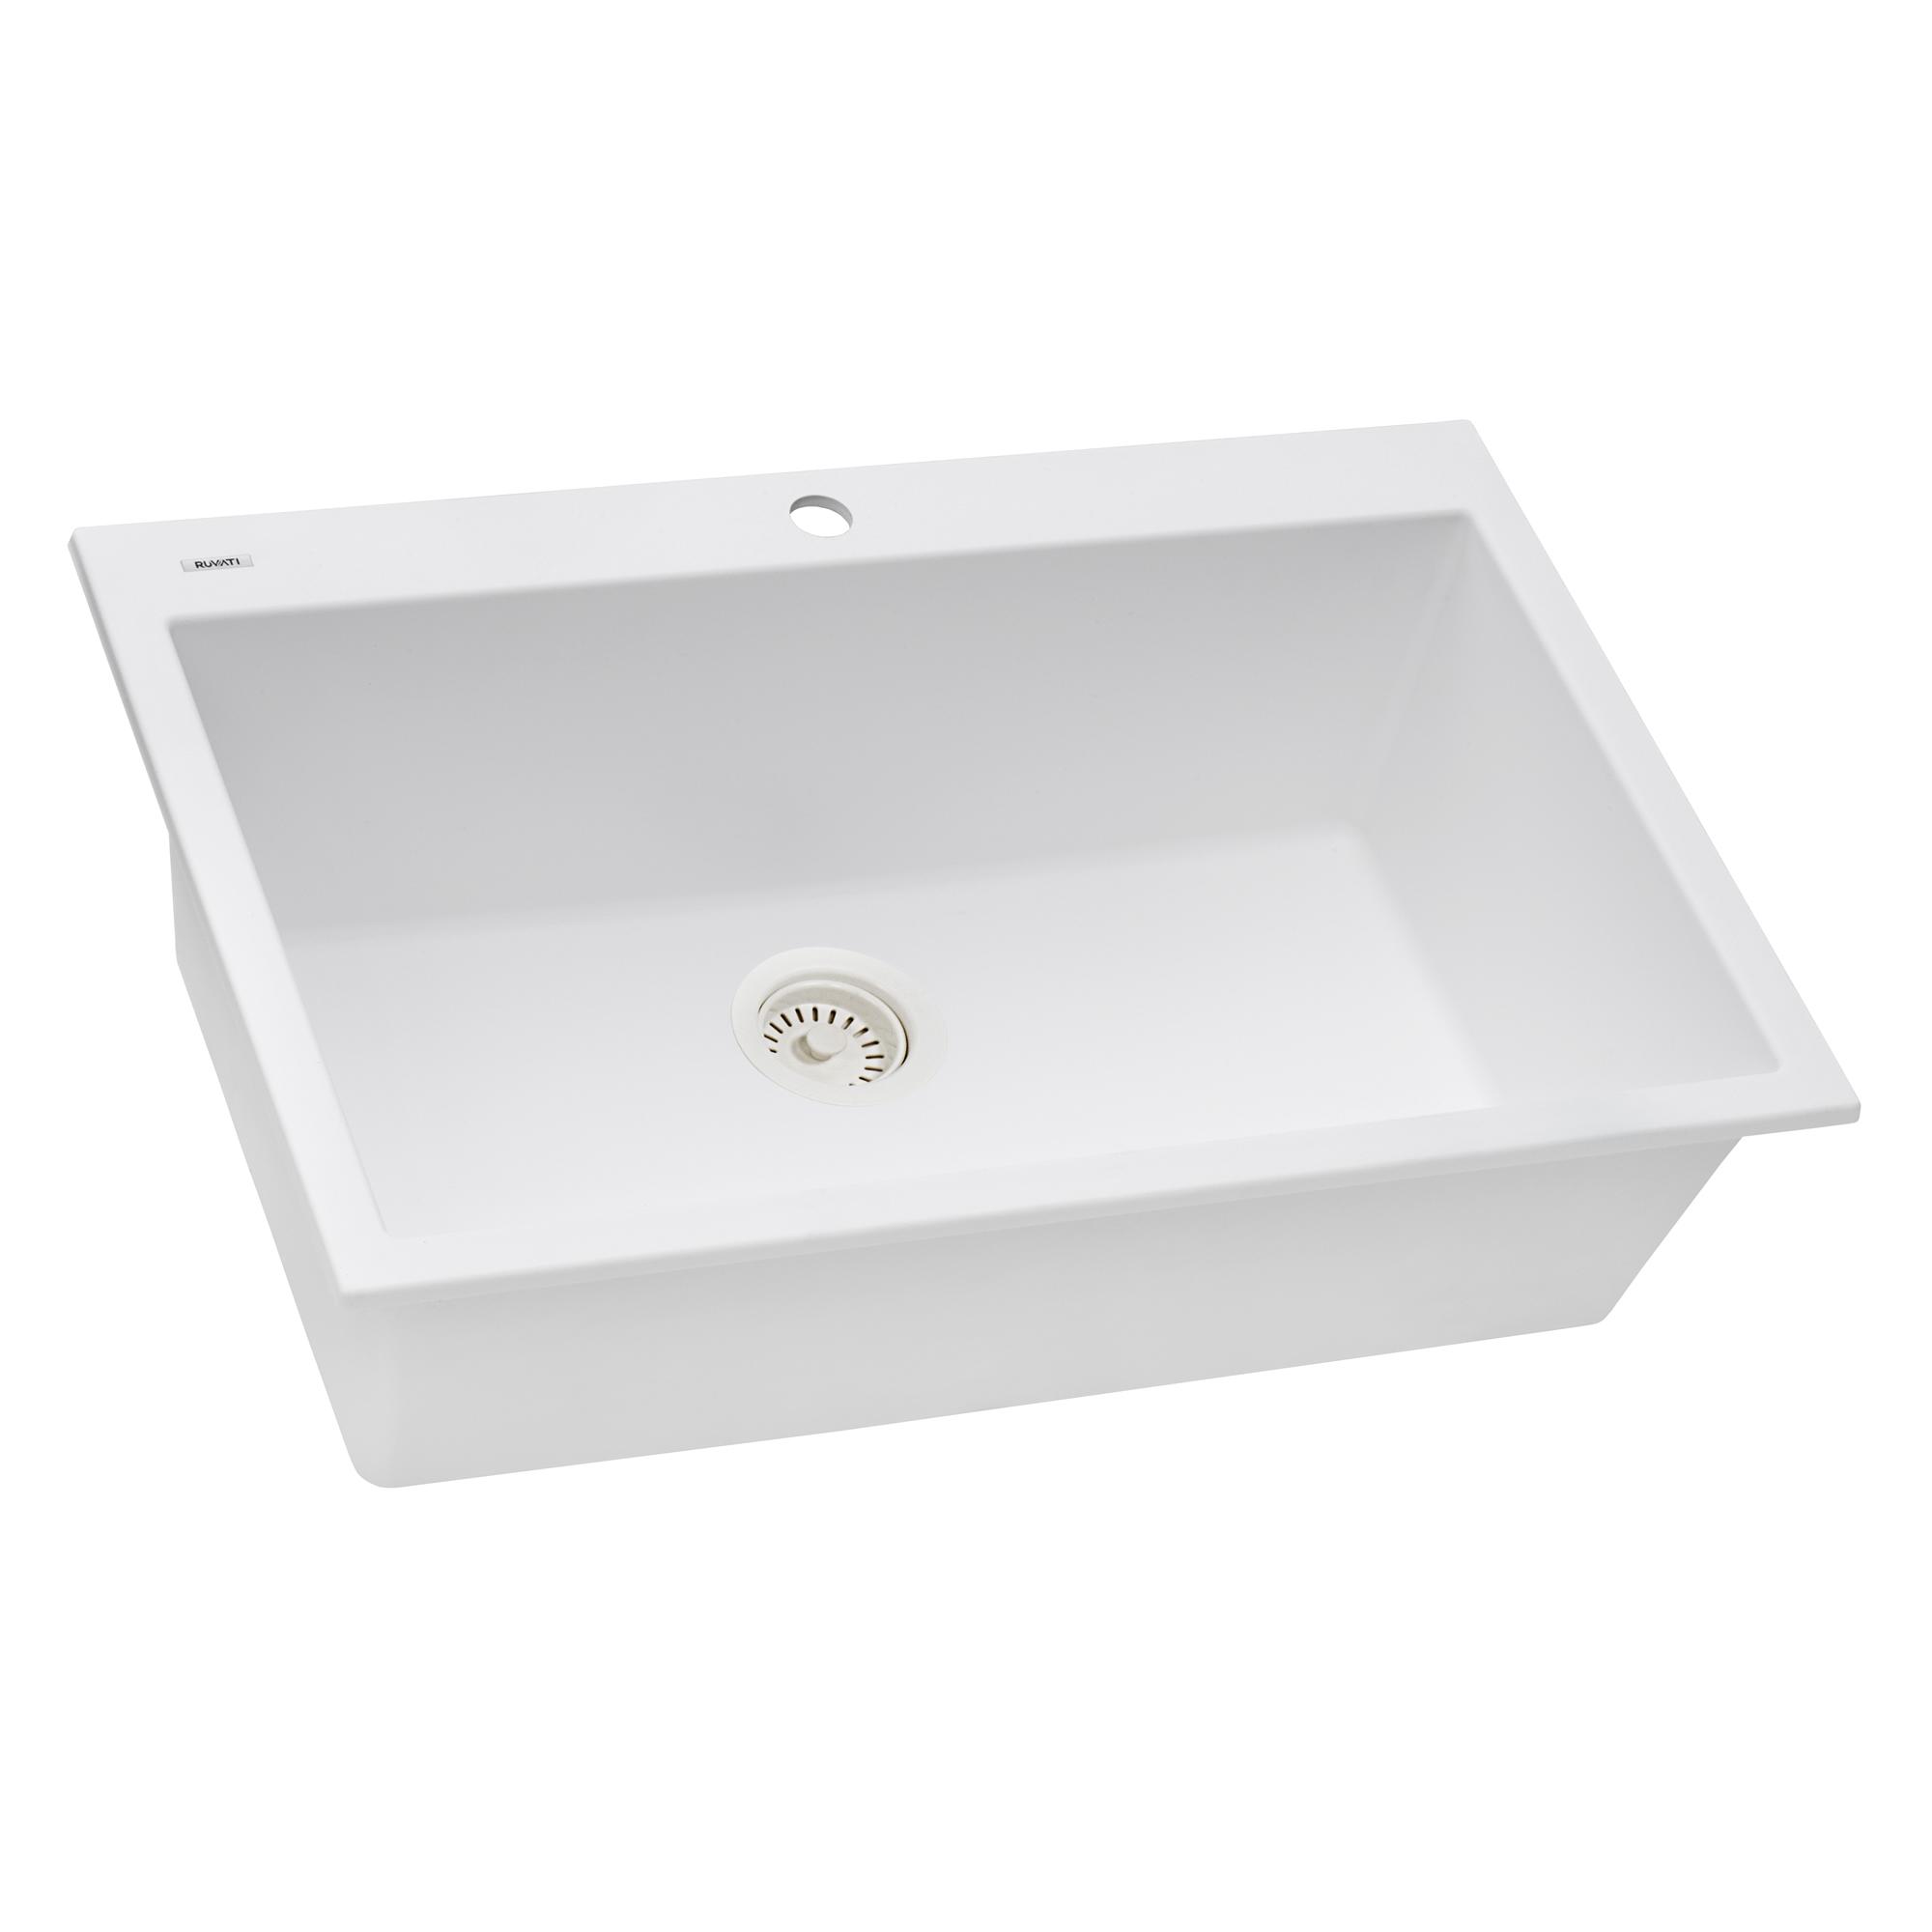 Picture of: Ruvati 30 X 20 Inch Epigranite Drop In Topmount Granite Composite Single Bowl Kitchen Sink Arctic White Rvg1030wh Ruvati Usa